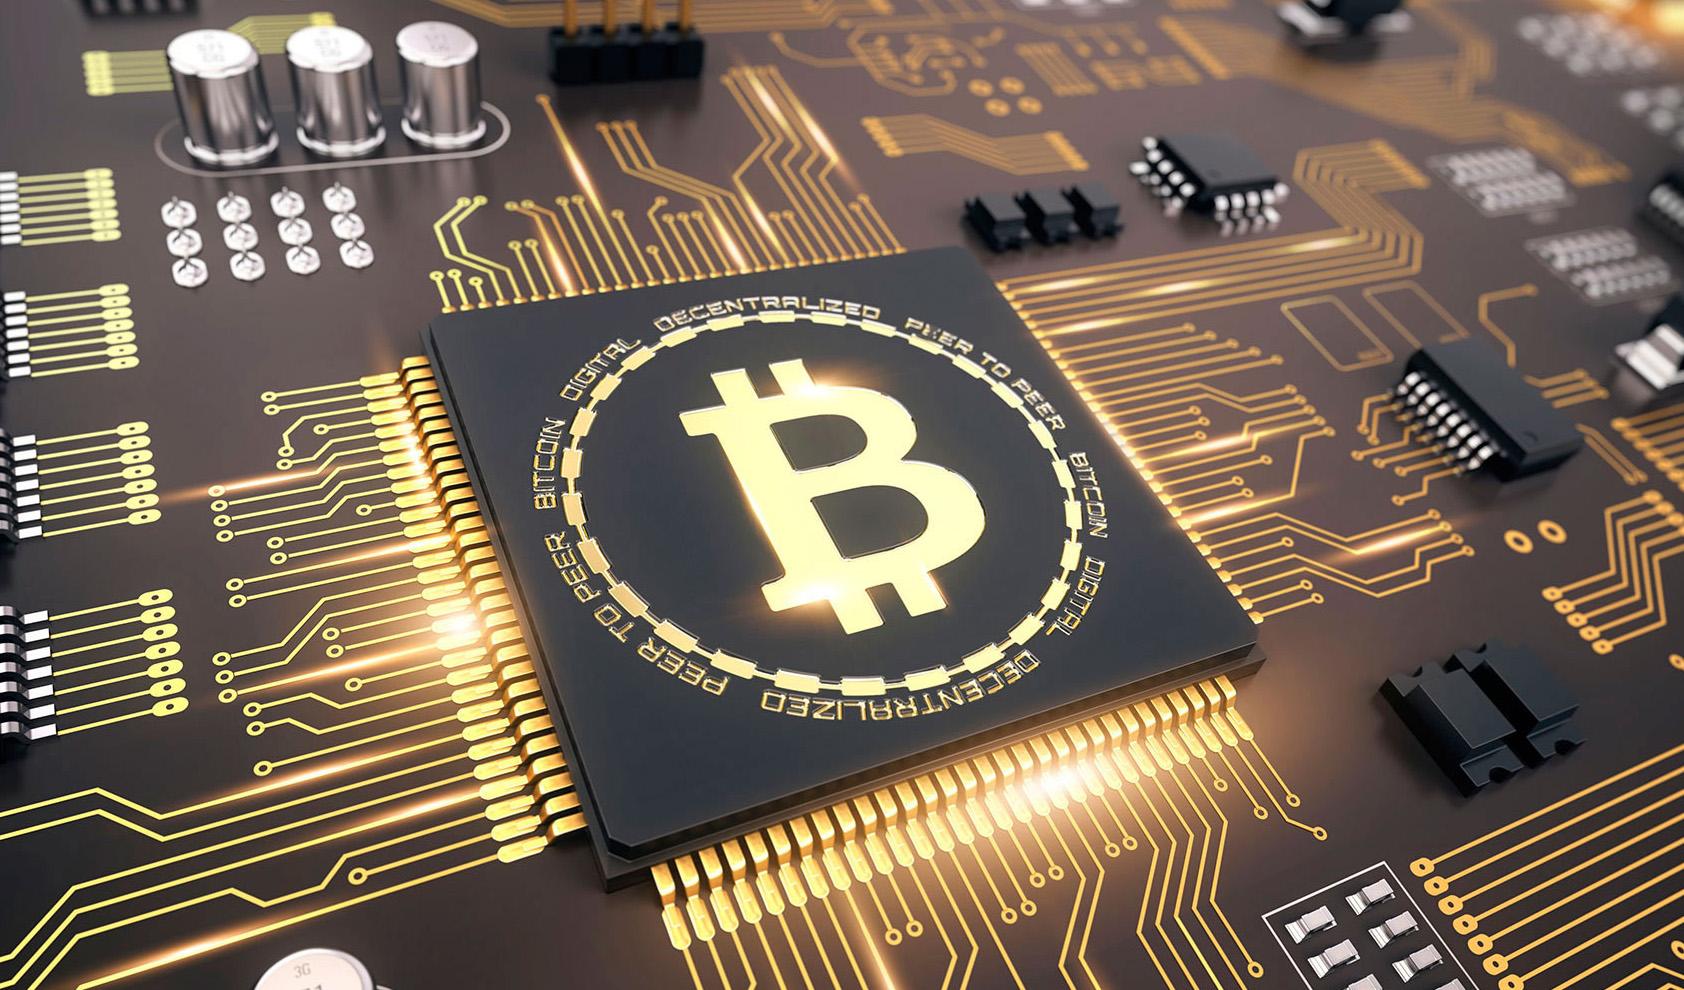 مراکز غیرقانونی استخراج رمز ارز، دستگاهها را خاموش کنند